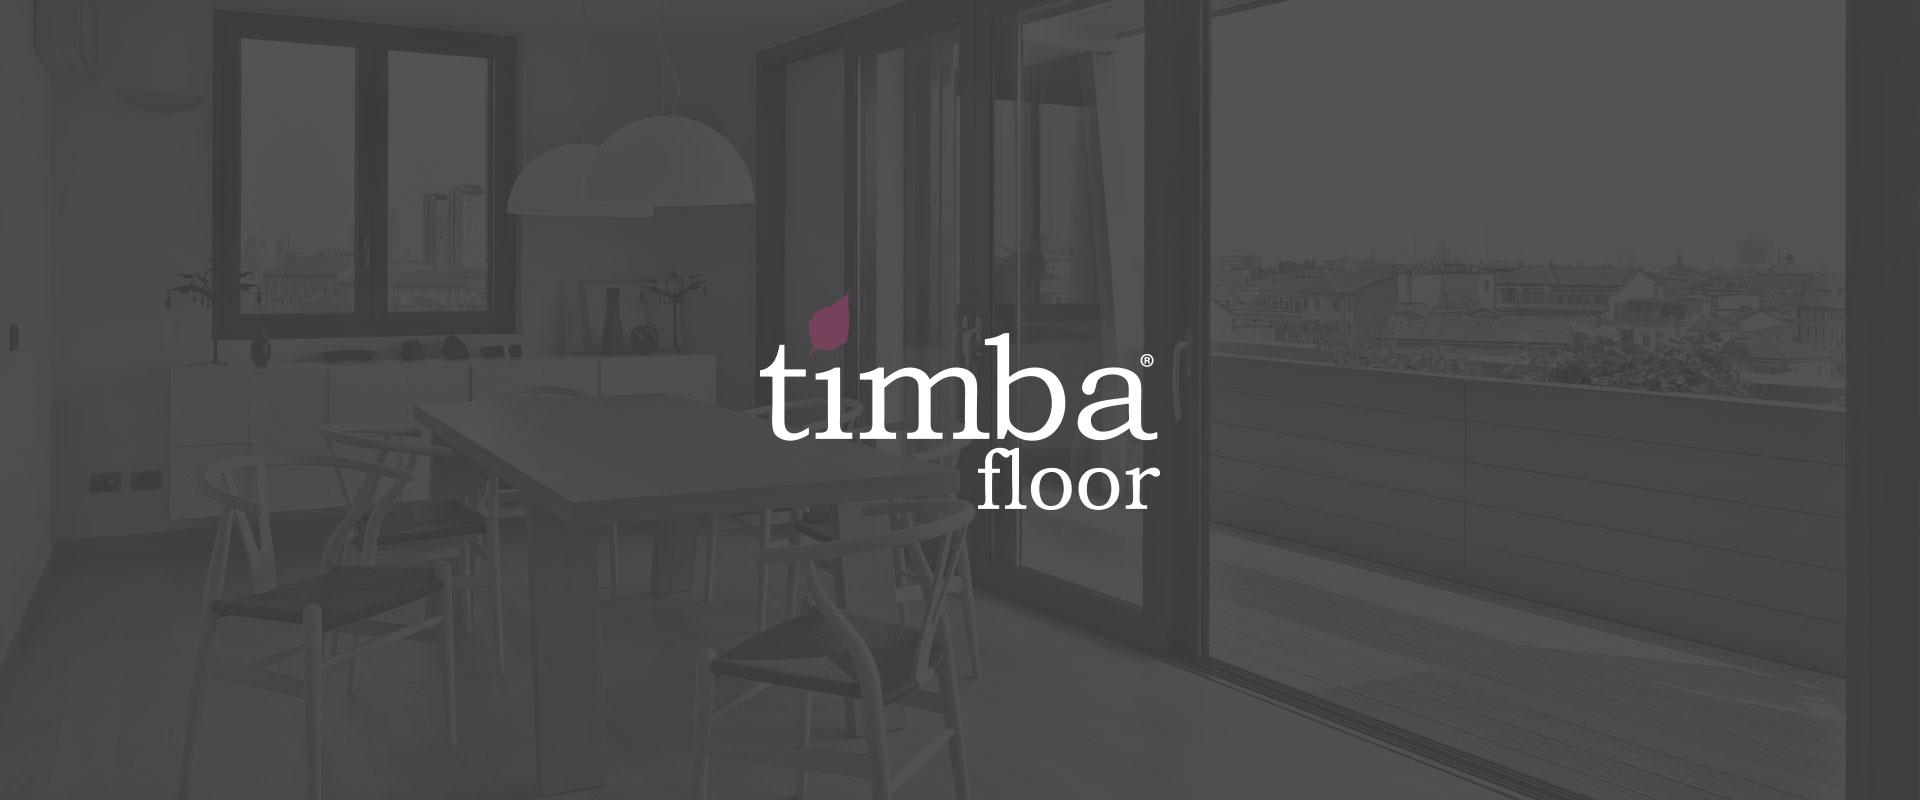 Timba_Portfolio_01